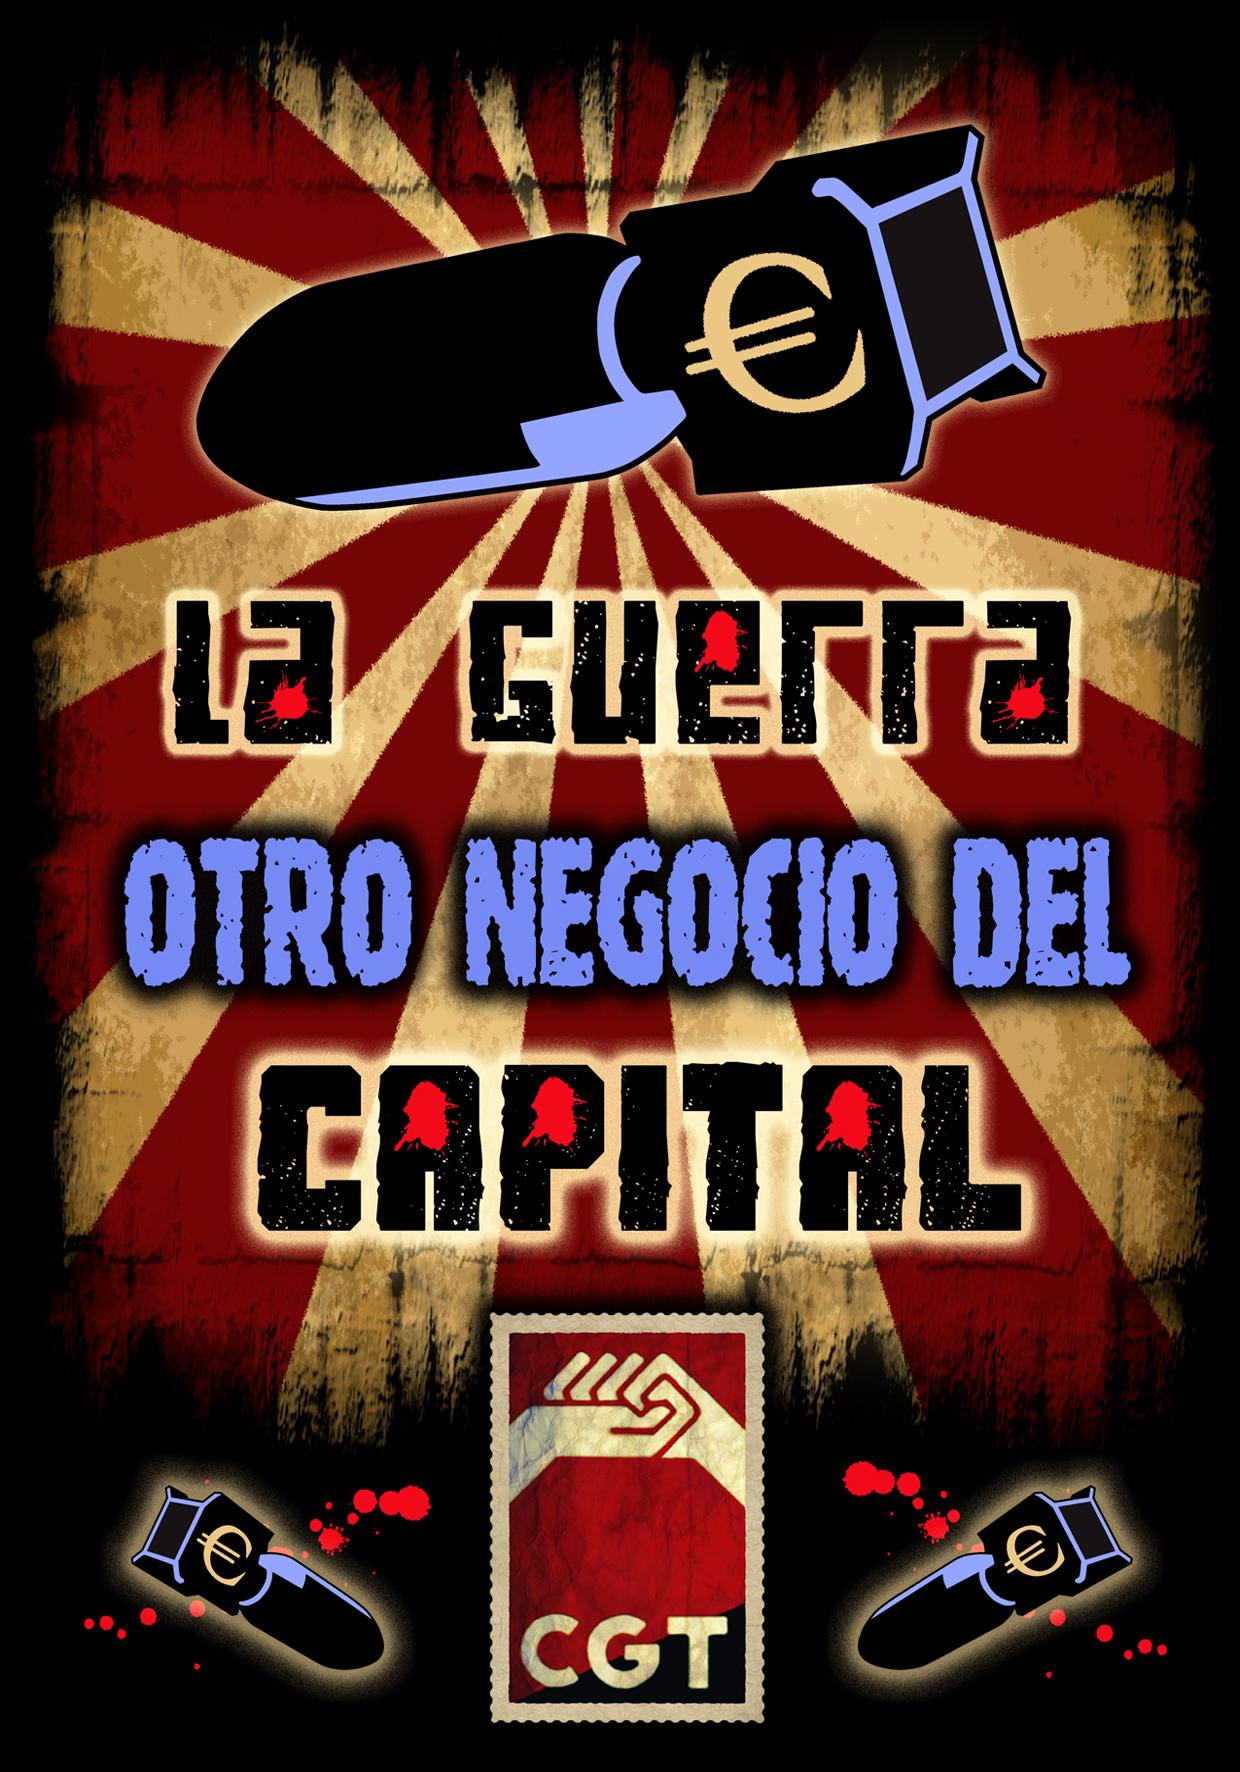 La guerra: otro negocio del capital!